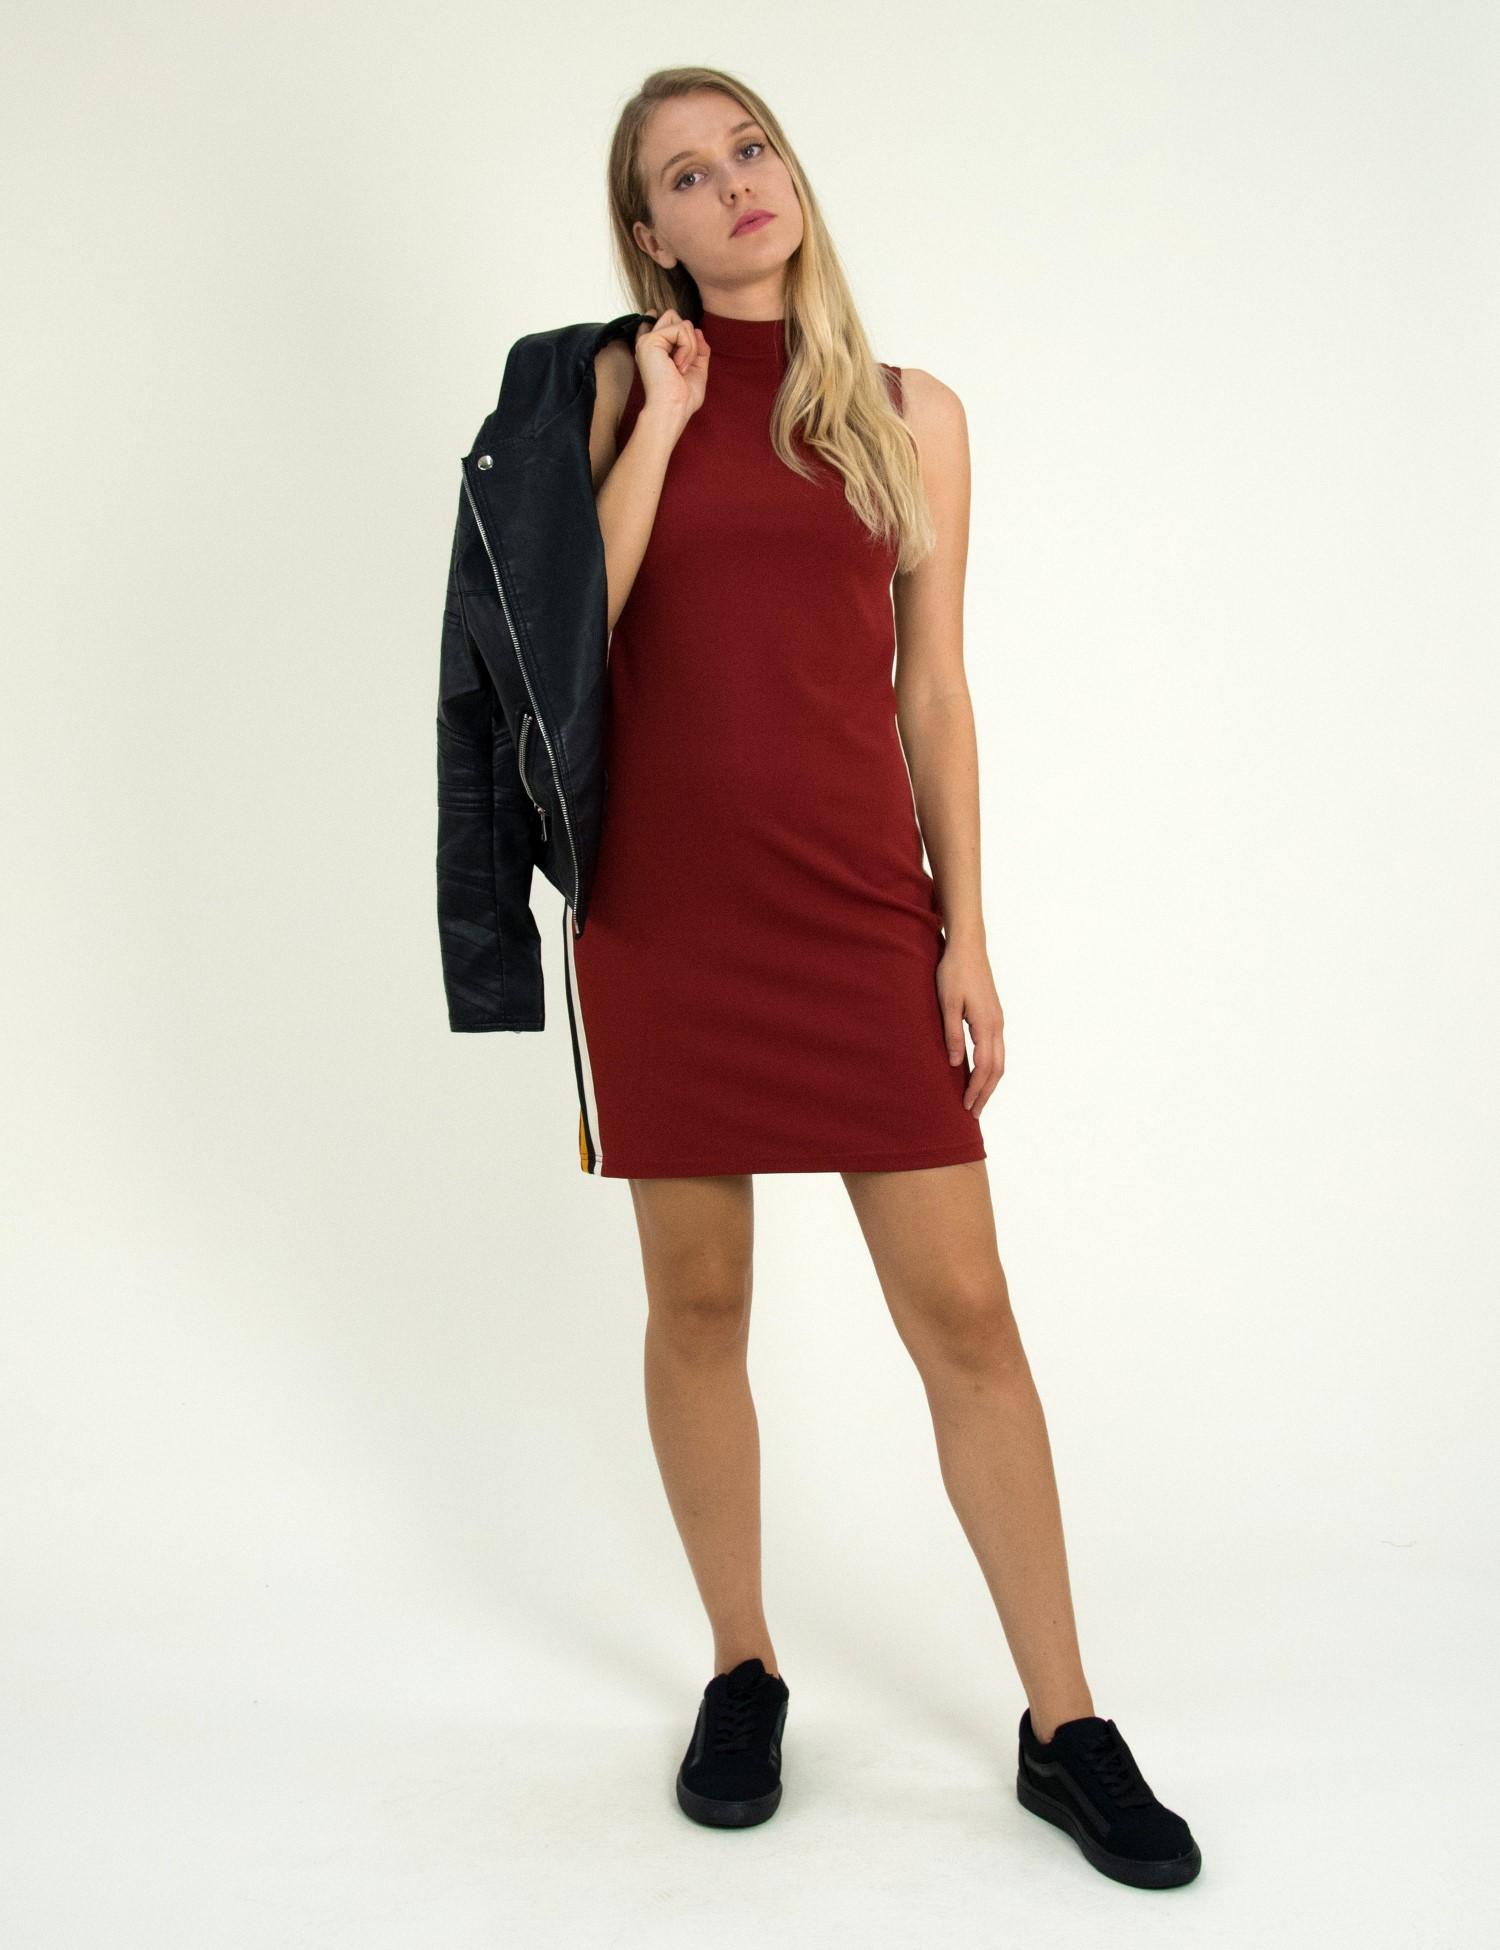 Γυναικείο μπορντό αμάνικο φόρεμα με χαμηλό ζιβάγκο 1175820F 48e98d90b7c